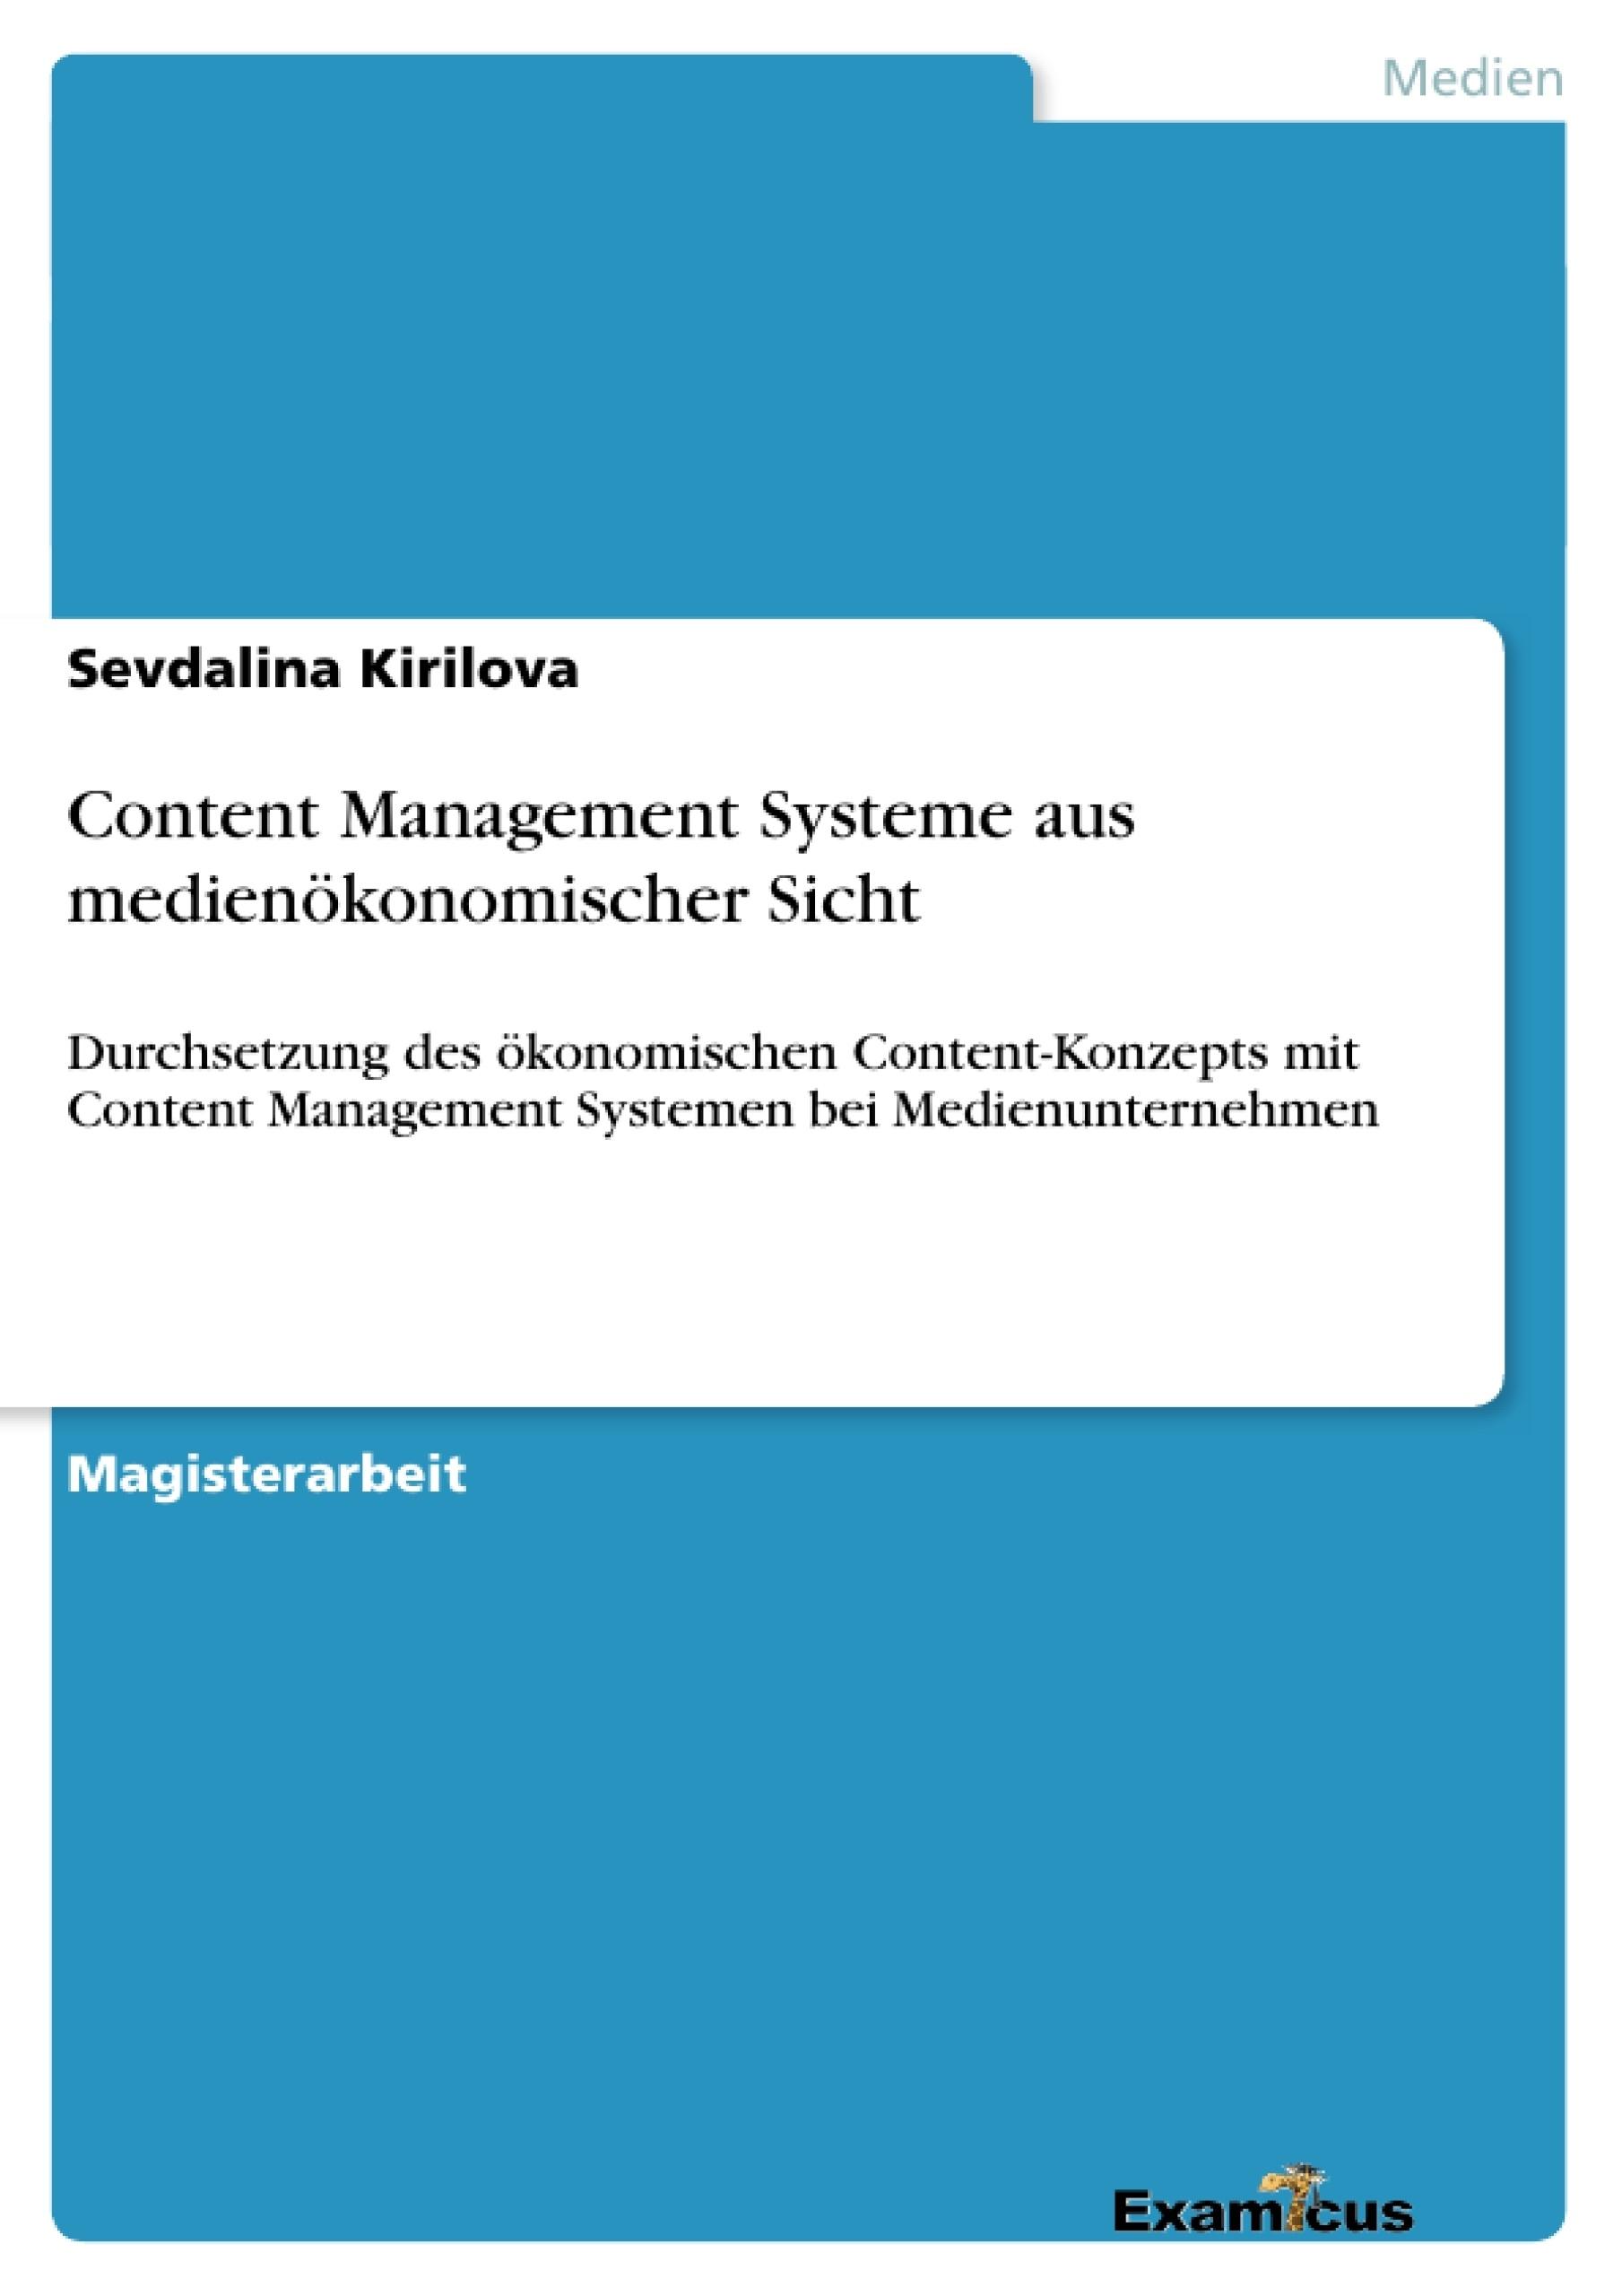 Titel: Content Management Systeme aus medienökonomischer Sicht